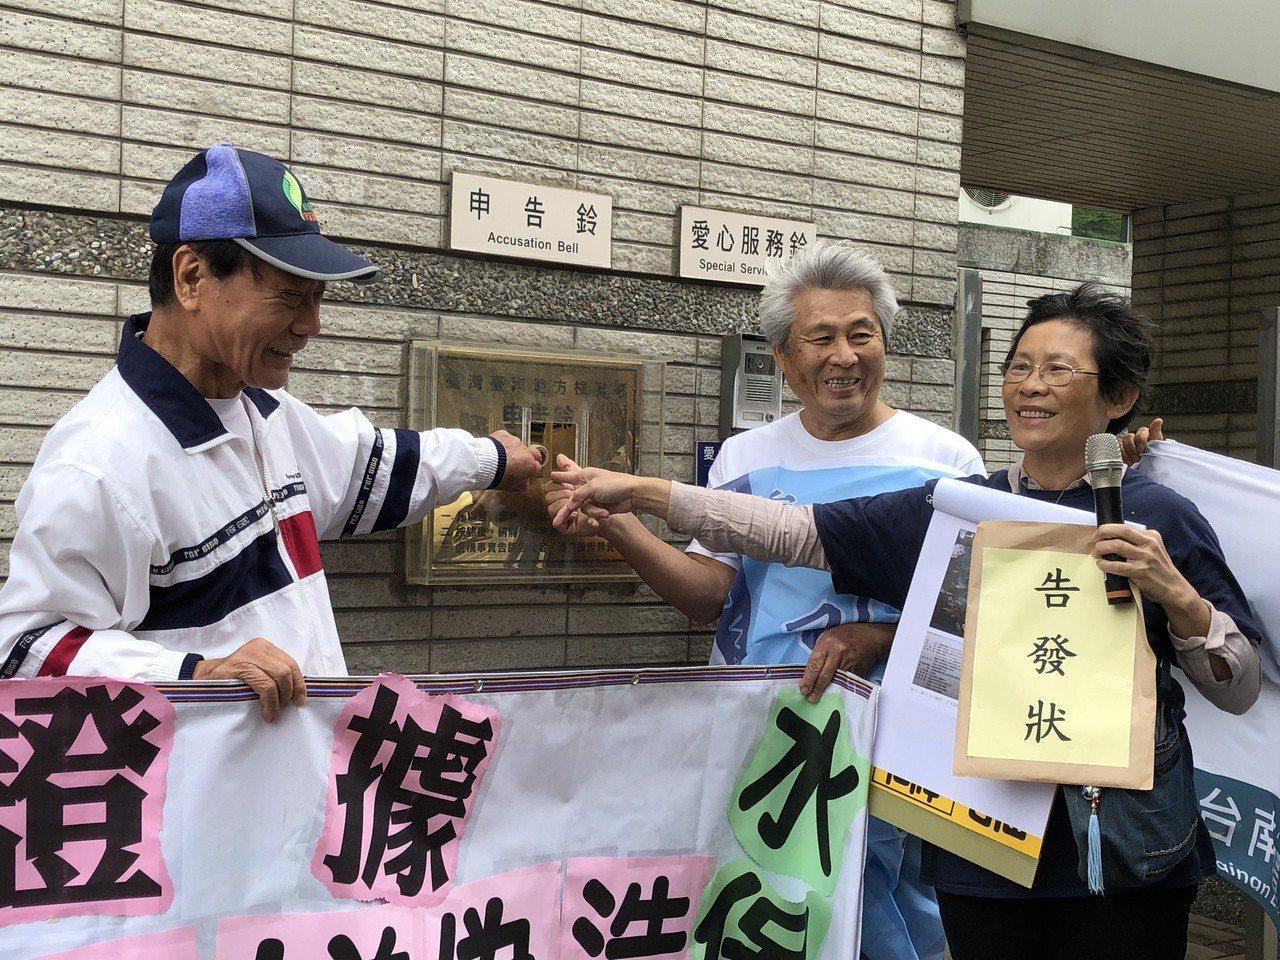 環團上午前往台南地檢署按鈴申告,質疑歐欣公司水保計畫涉嫌偽造。記者邵心杰/攝影